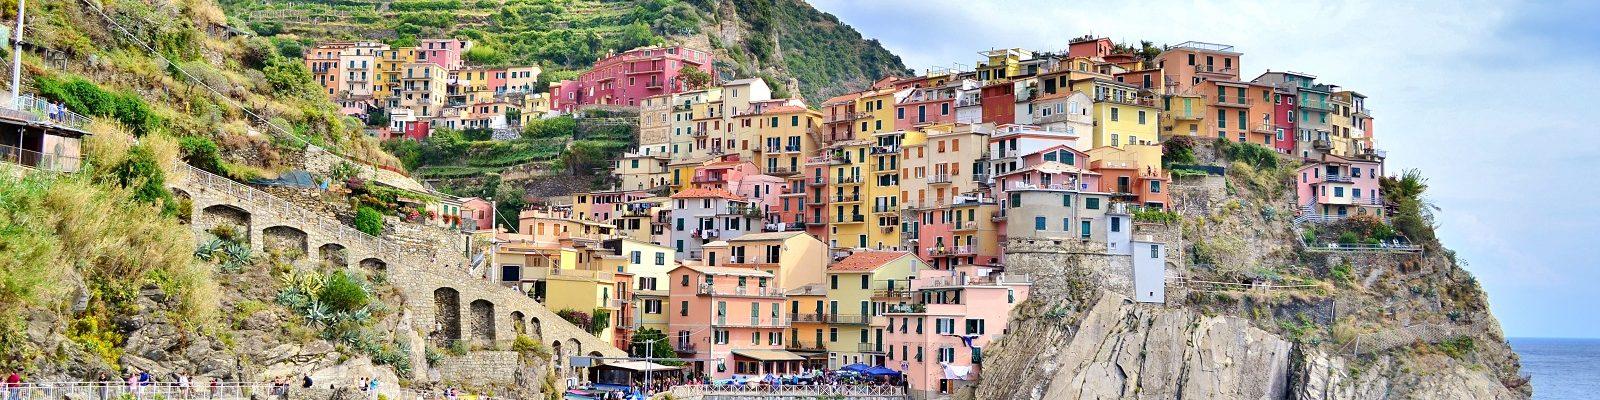 Cum să îţi organizezi vacanţa în Cinque Terre